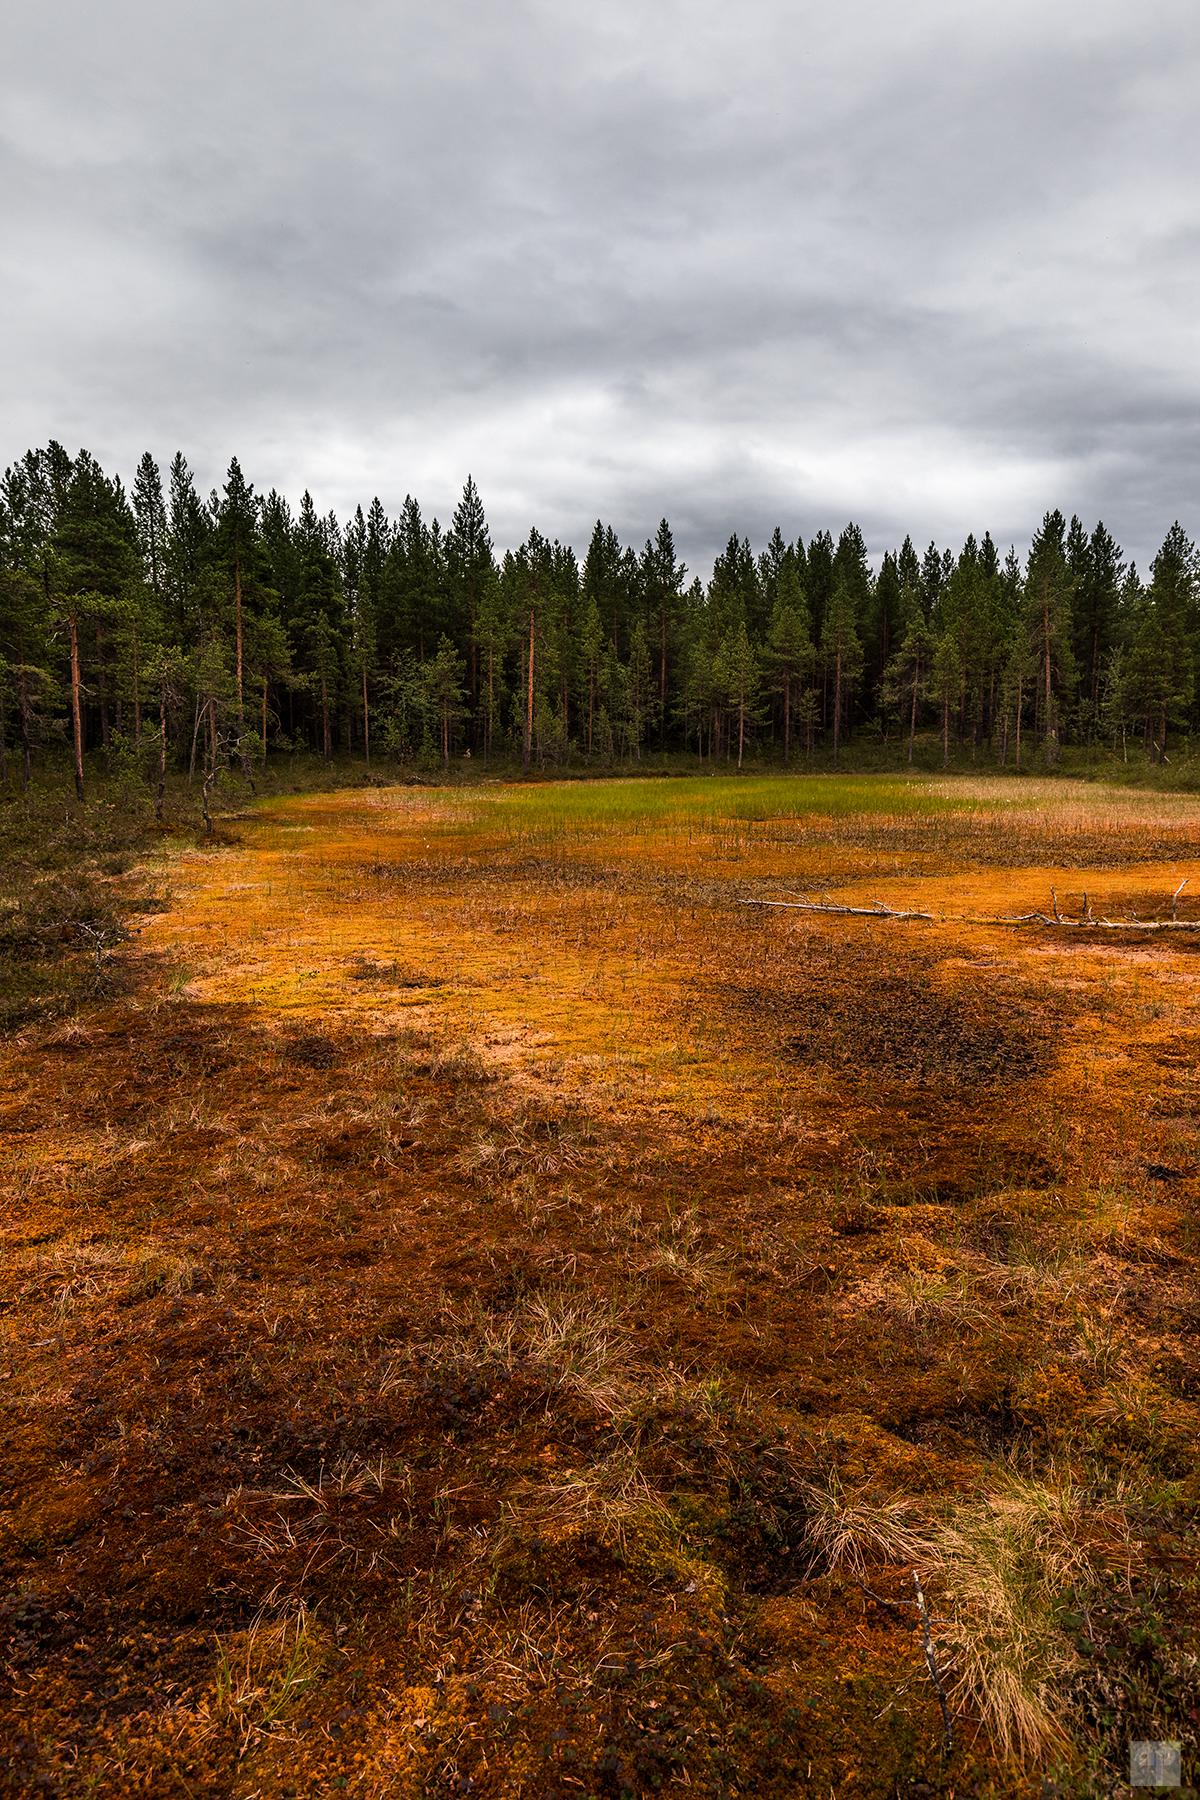 Norwegen-Finnmark-Pasvik NP